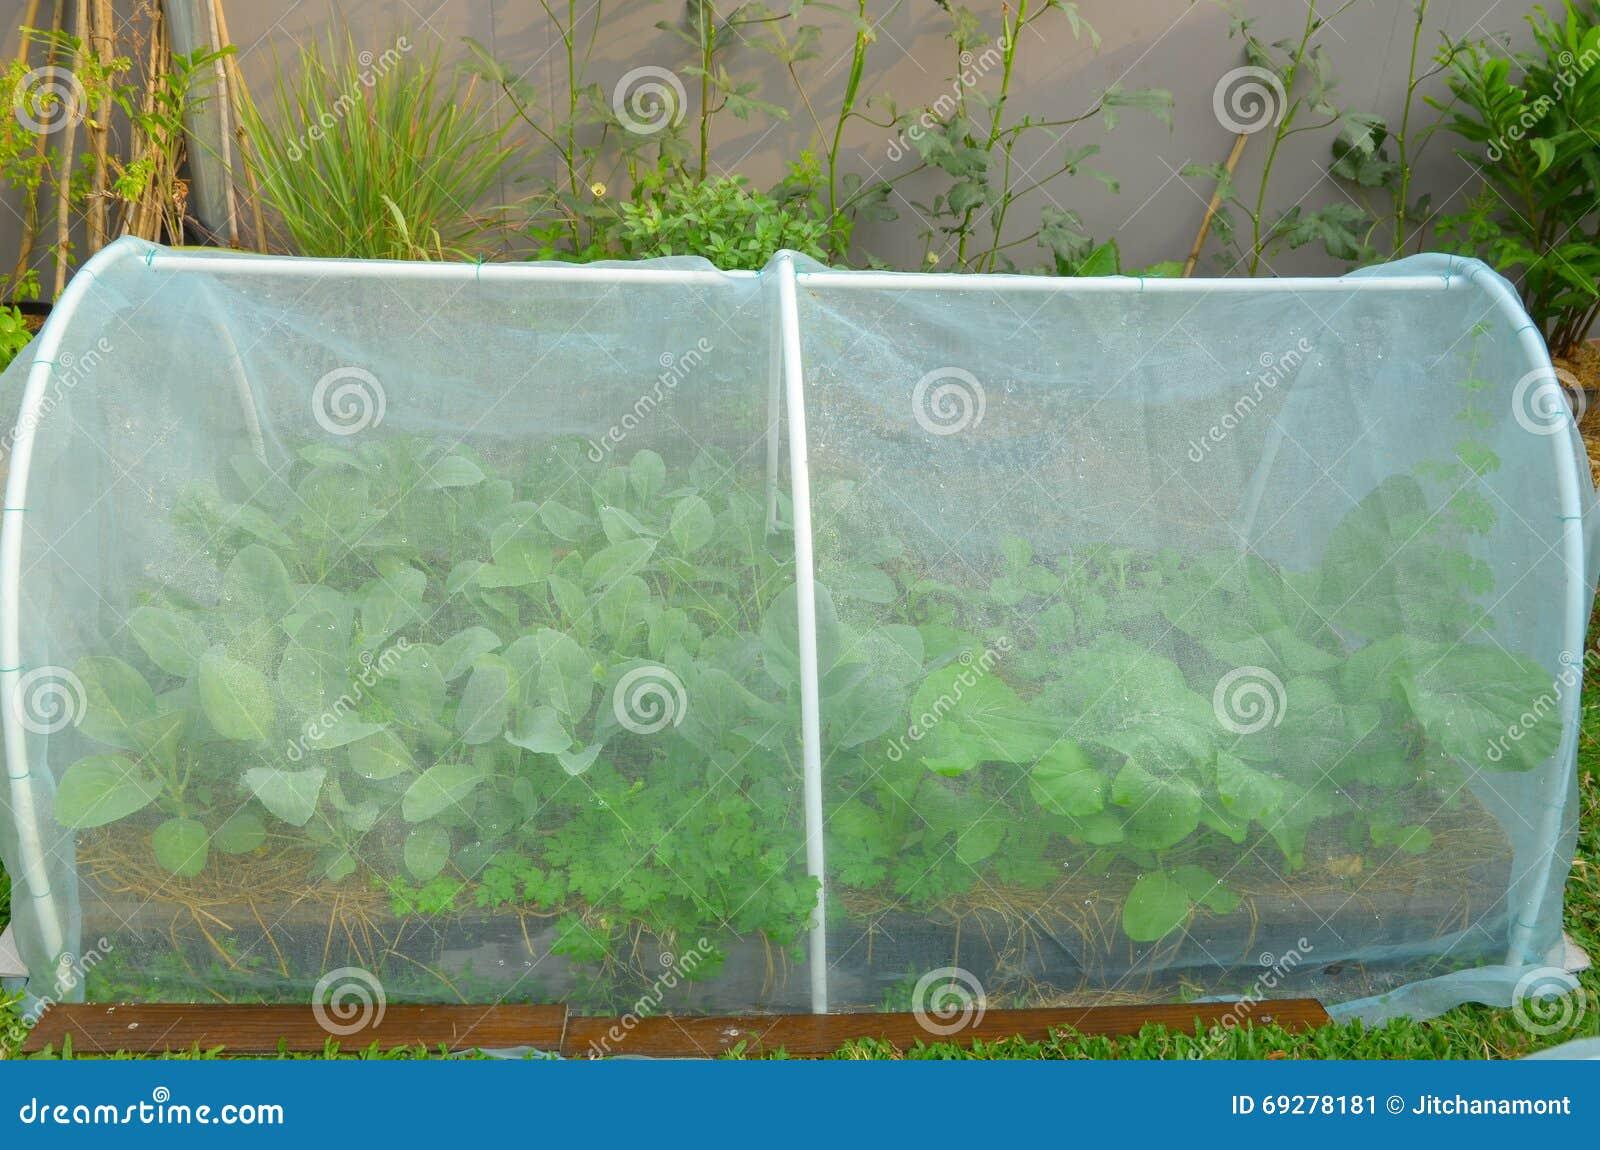 Frischgemuse Im Hochbeetgarten Mit Netz Im Hausgarten Stockbild